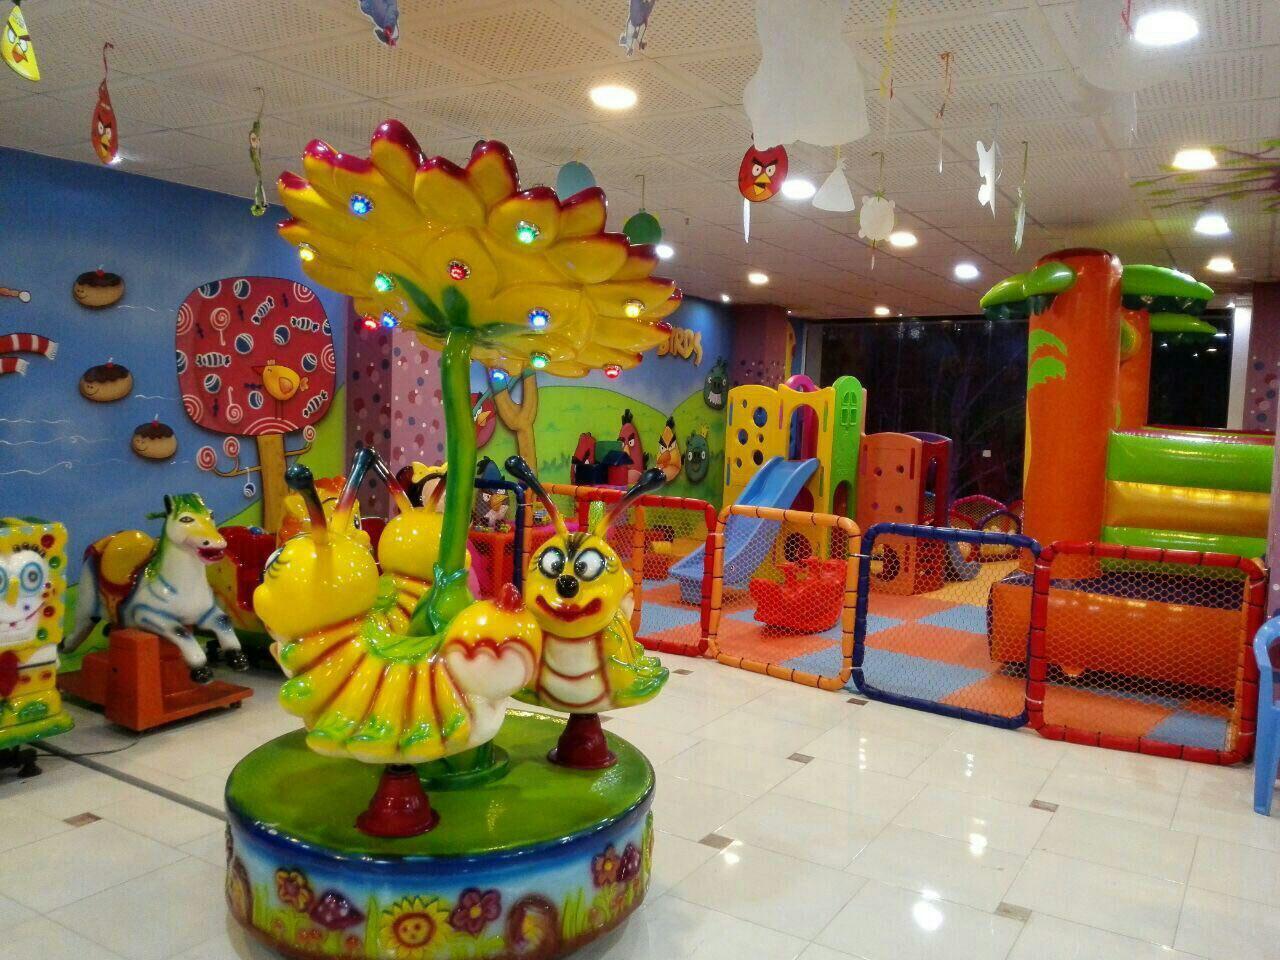 قیمت خرید وسایل موردنیاز خانه بازی کودکان